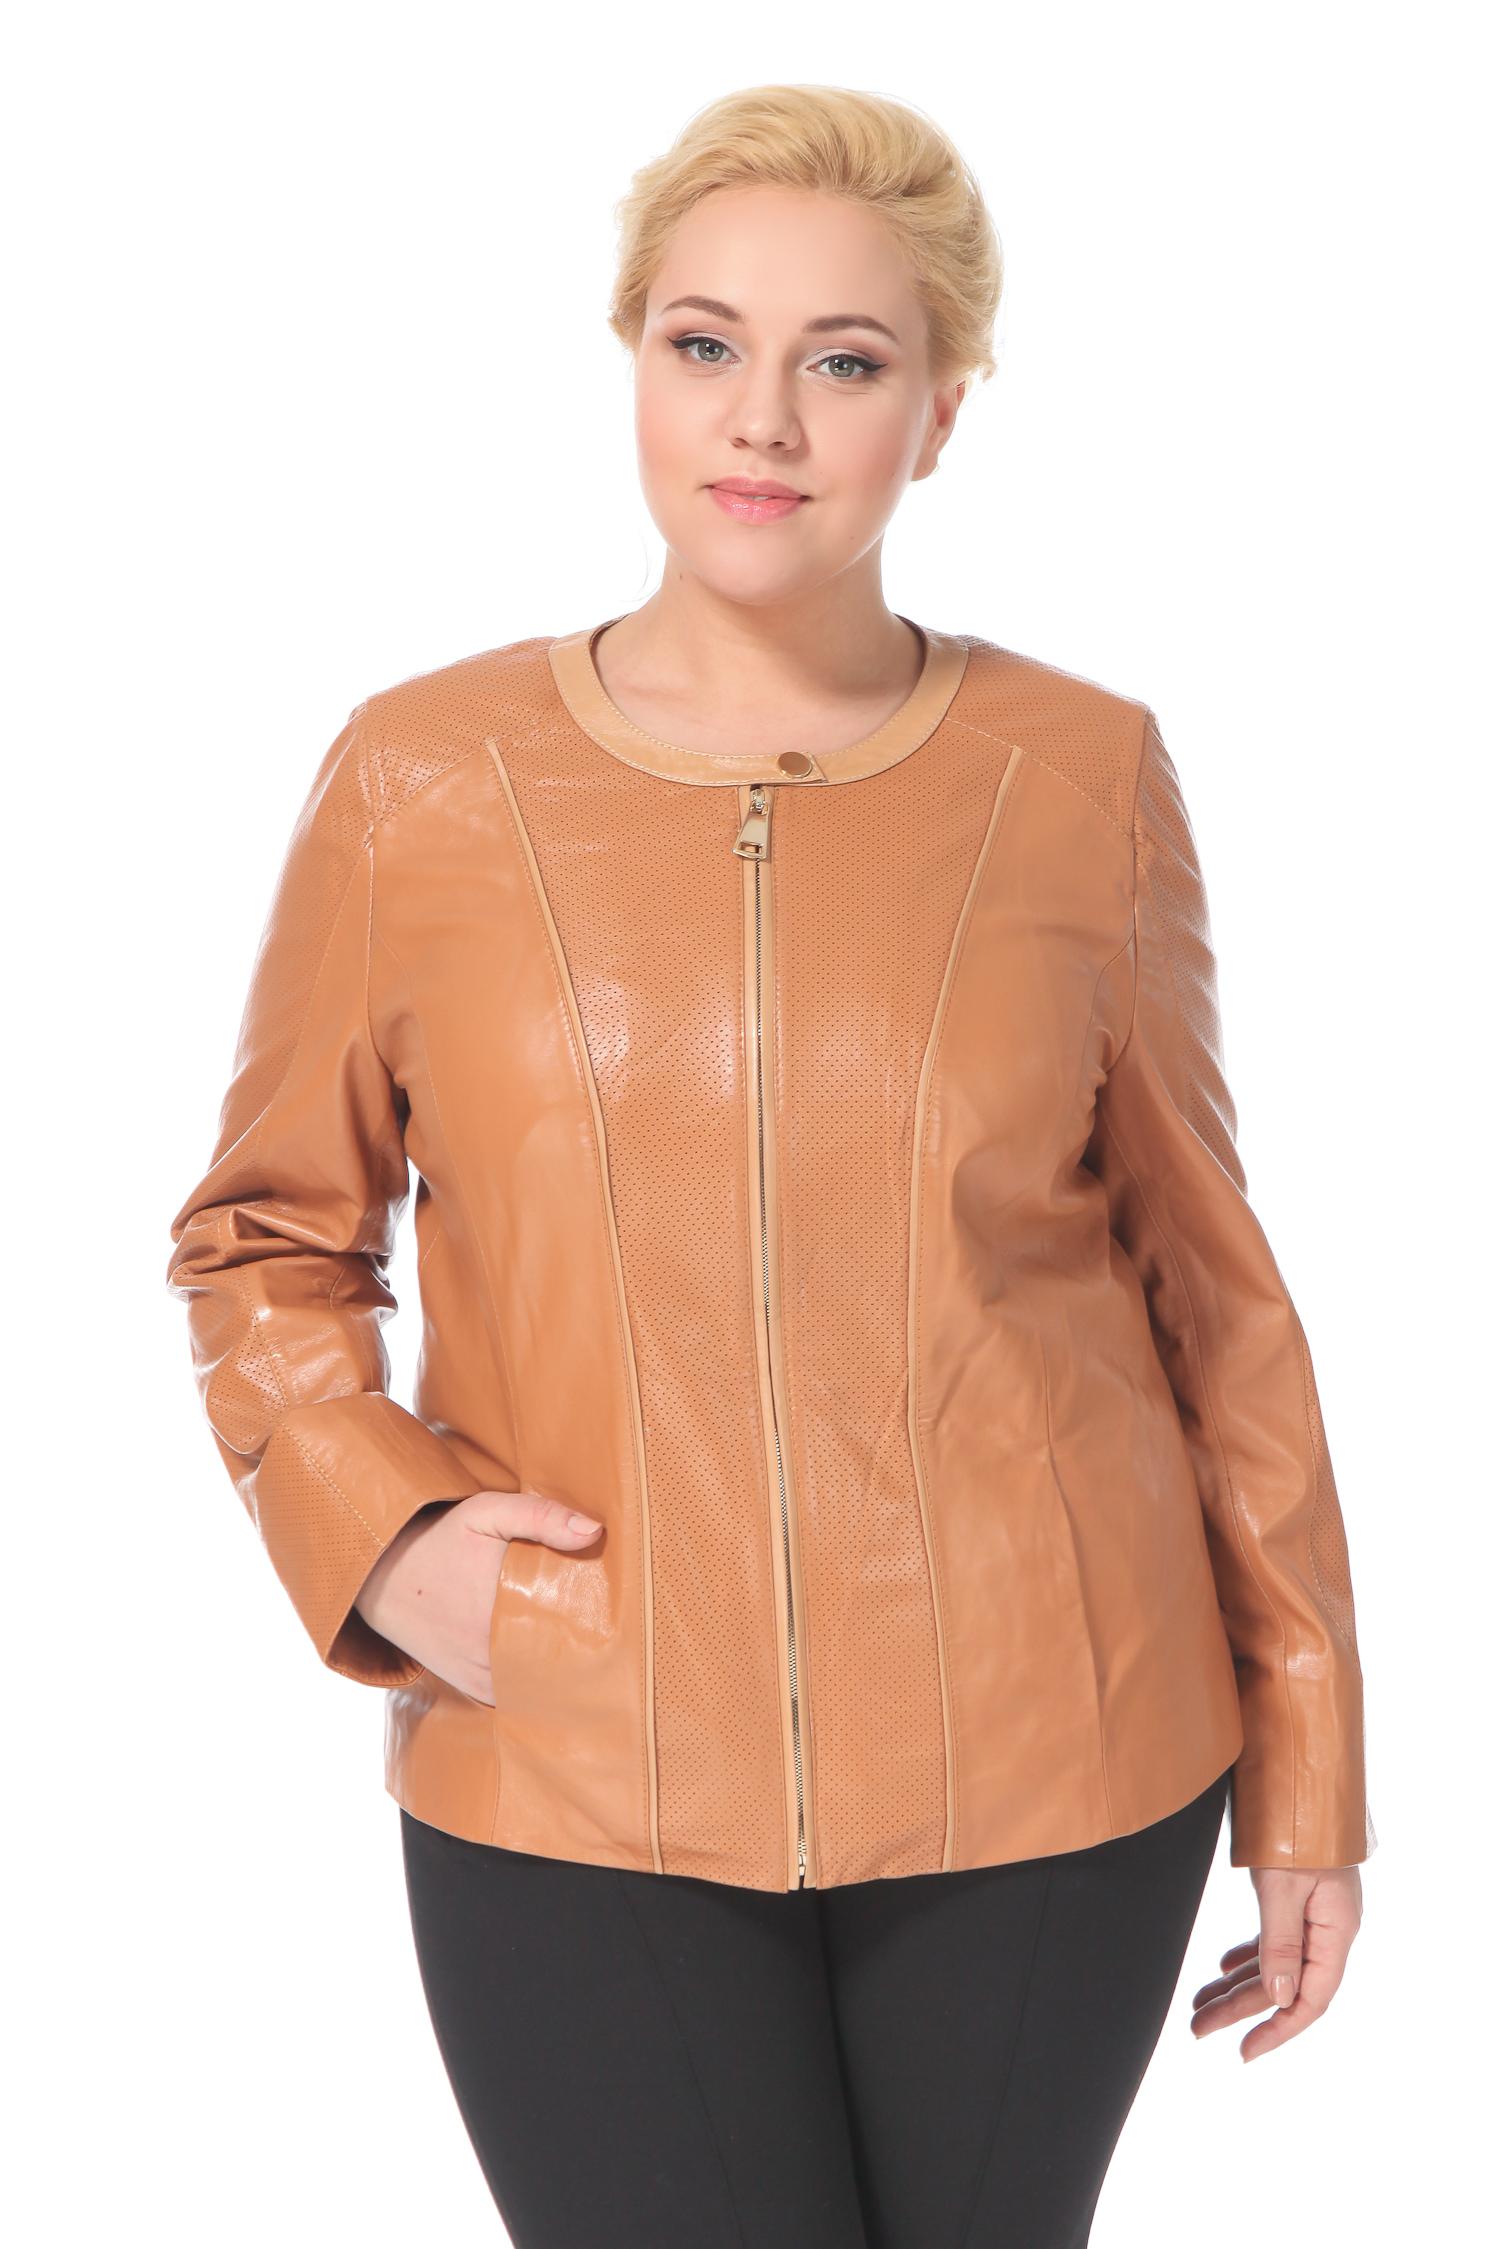 Женская кожаная куртка из натуральной кожи, без отделки<br><br>Длина см: Короткая (51-74 )<br>Материал: Кожа овчина<br>Цвет: коричневый<br>Застежка: на молнии<br>Пол: Женский<br>Размер RU: 48